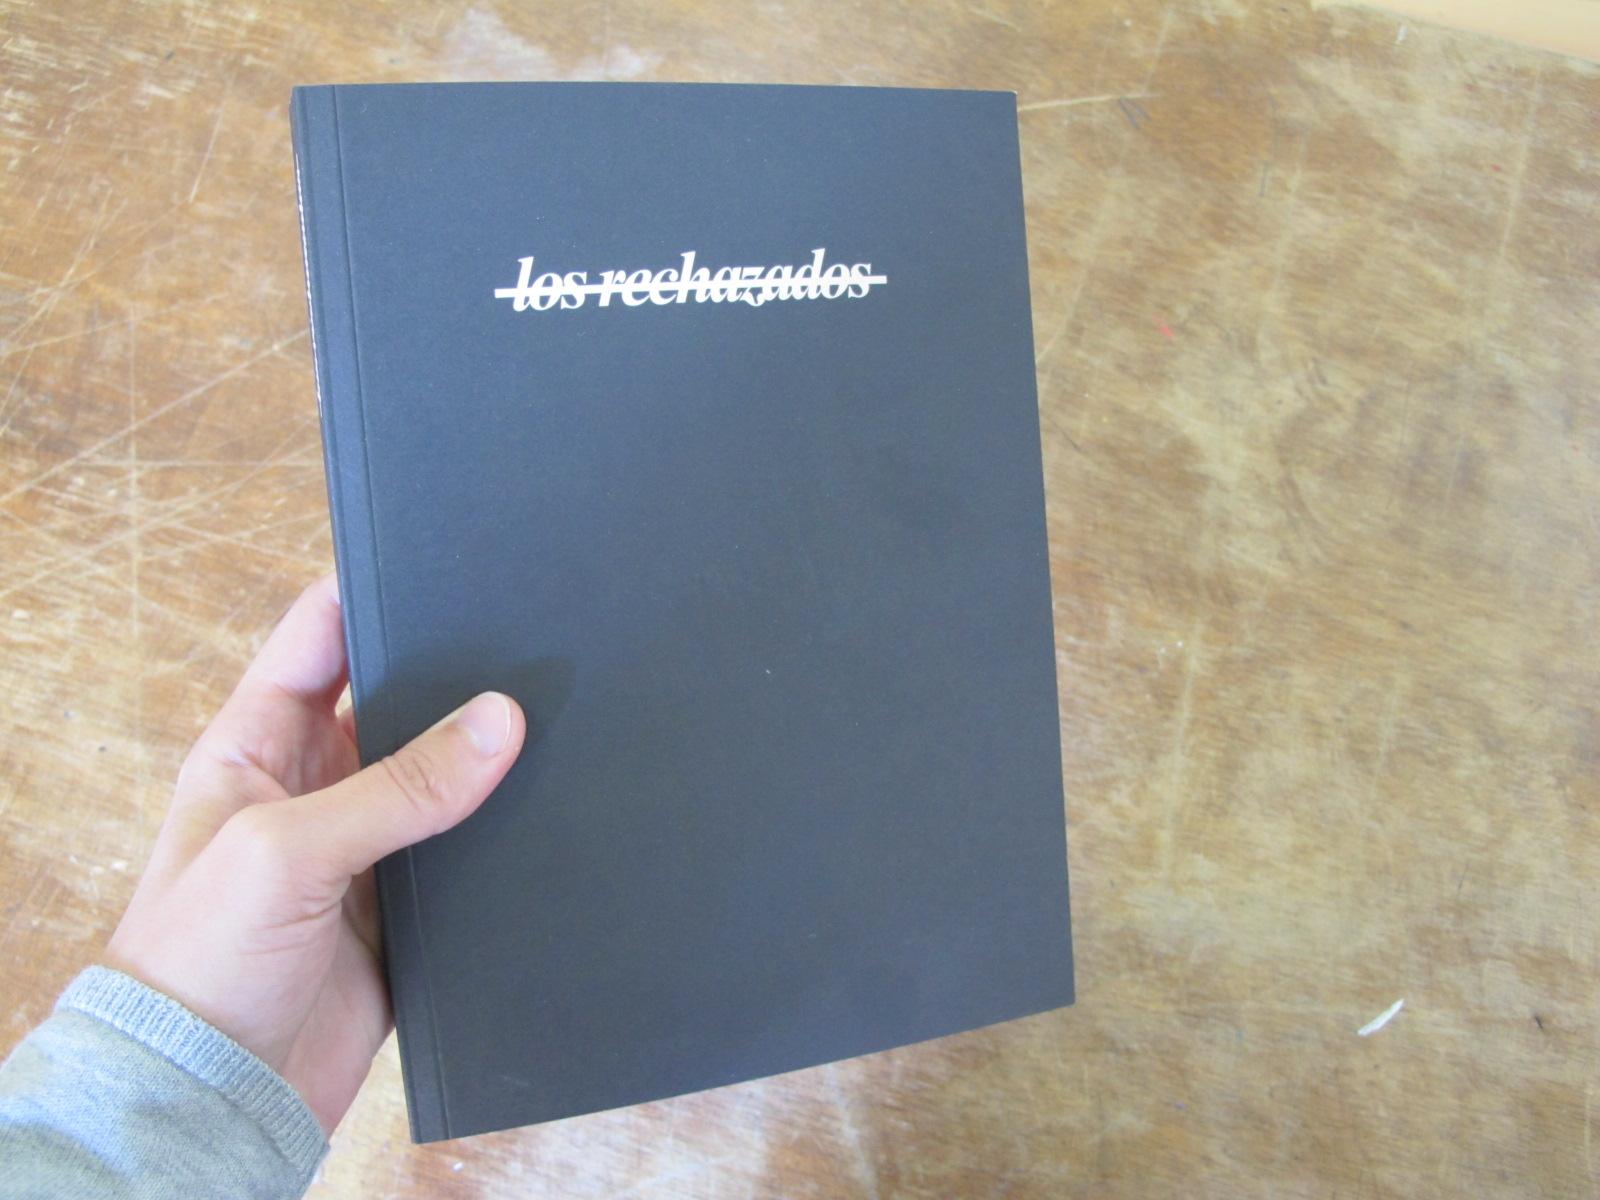 Los rechazados (llibre) 002